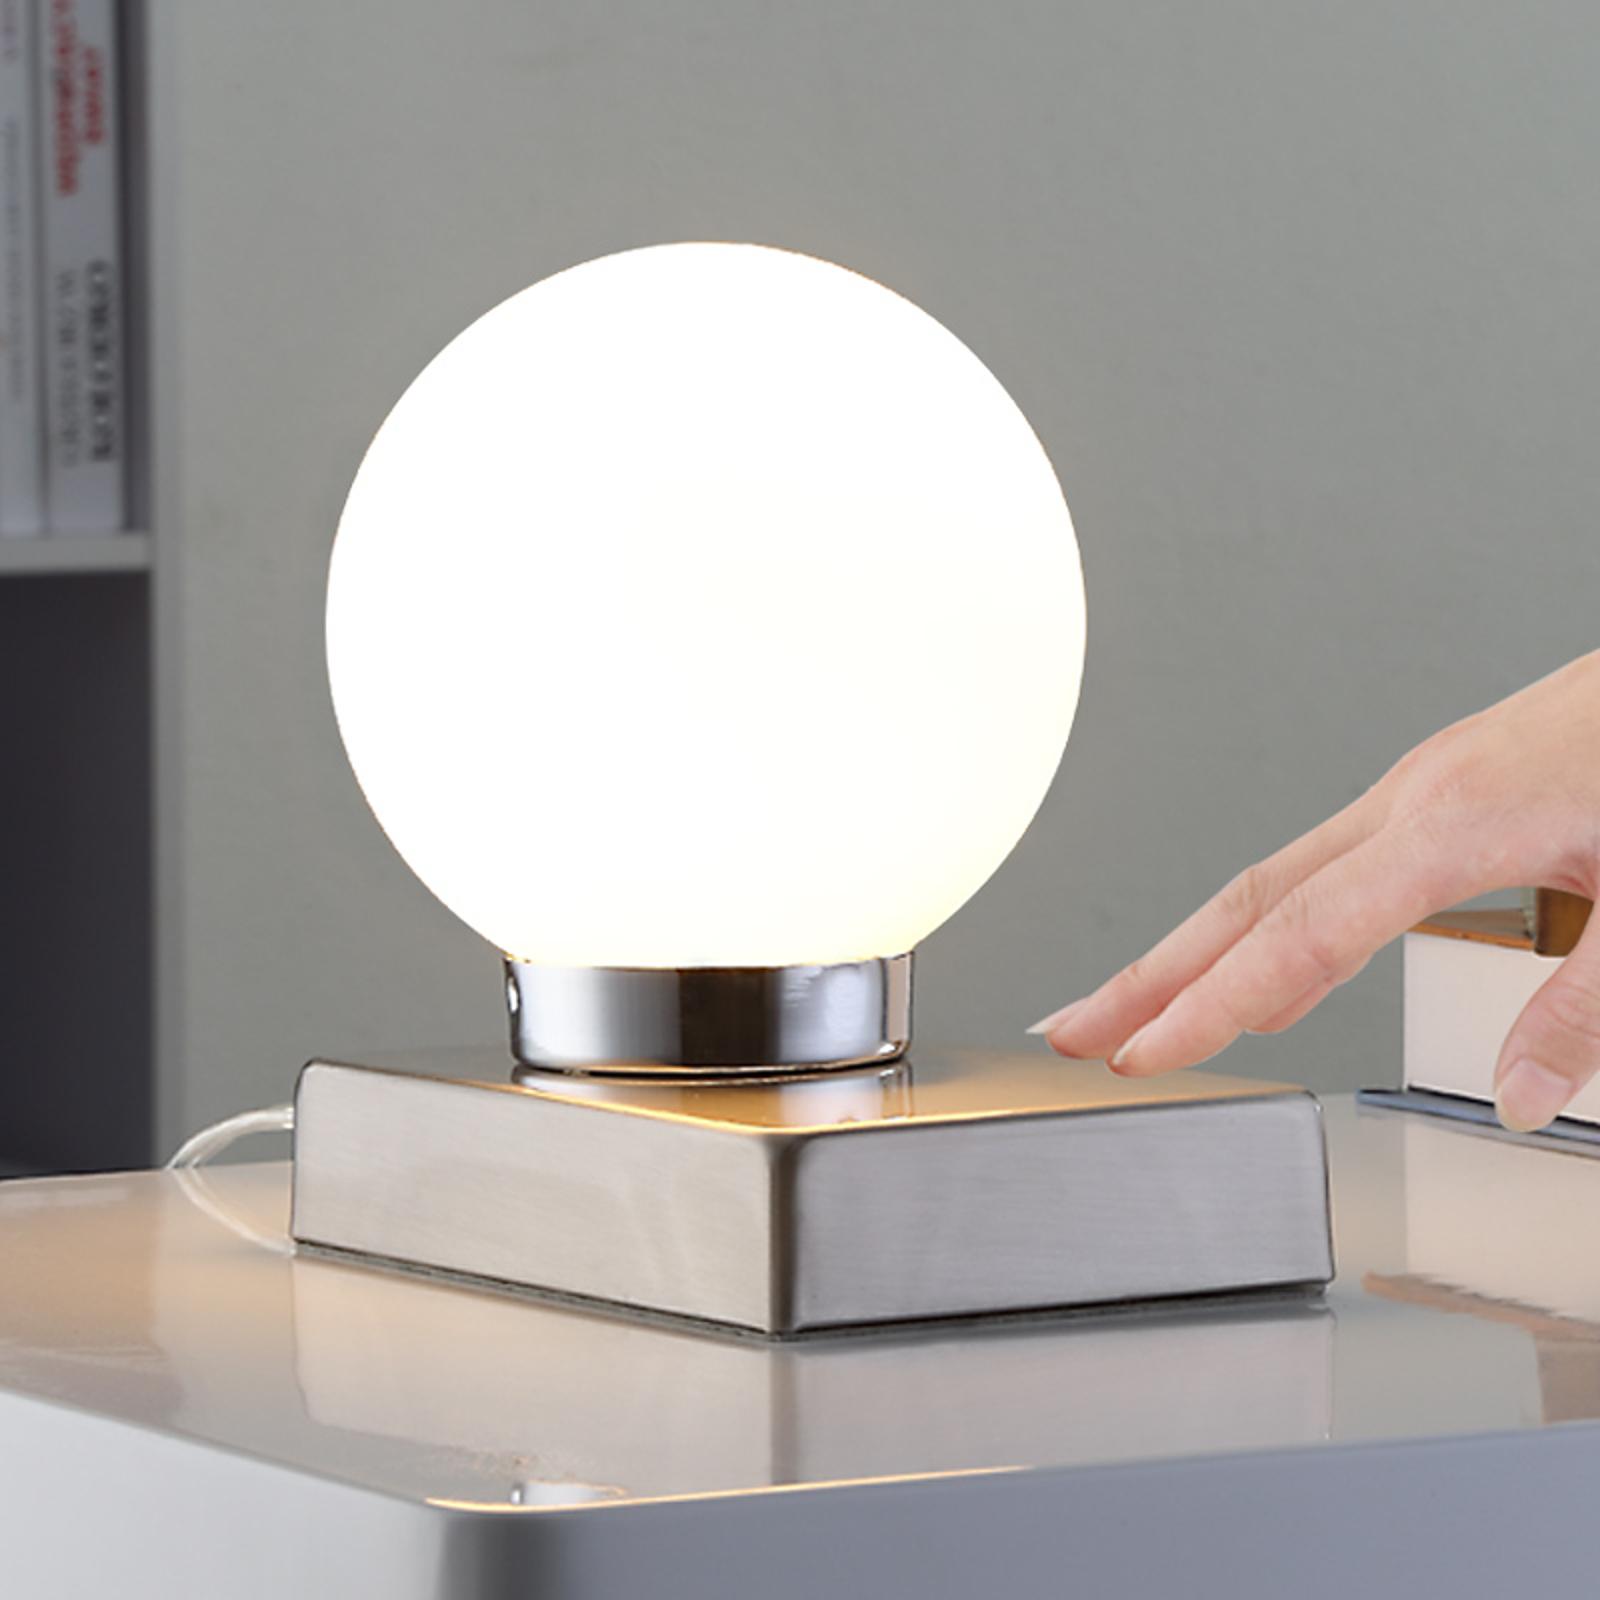 Belysningstrender 2020 Lampegiganten.no